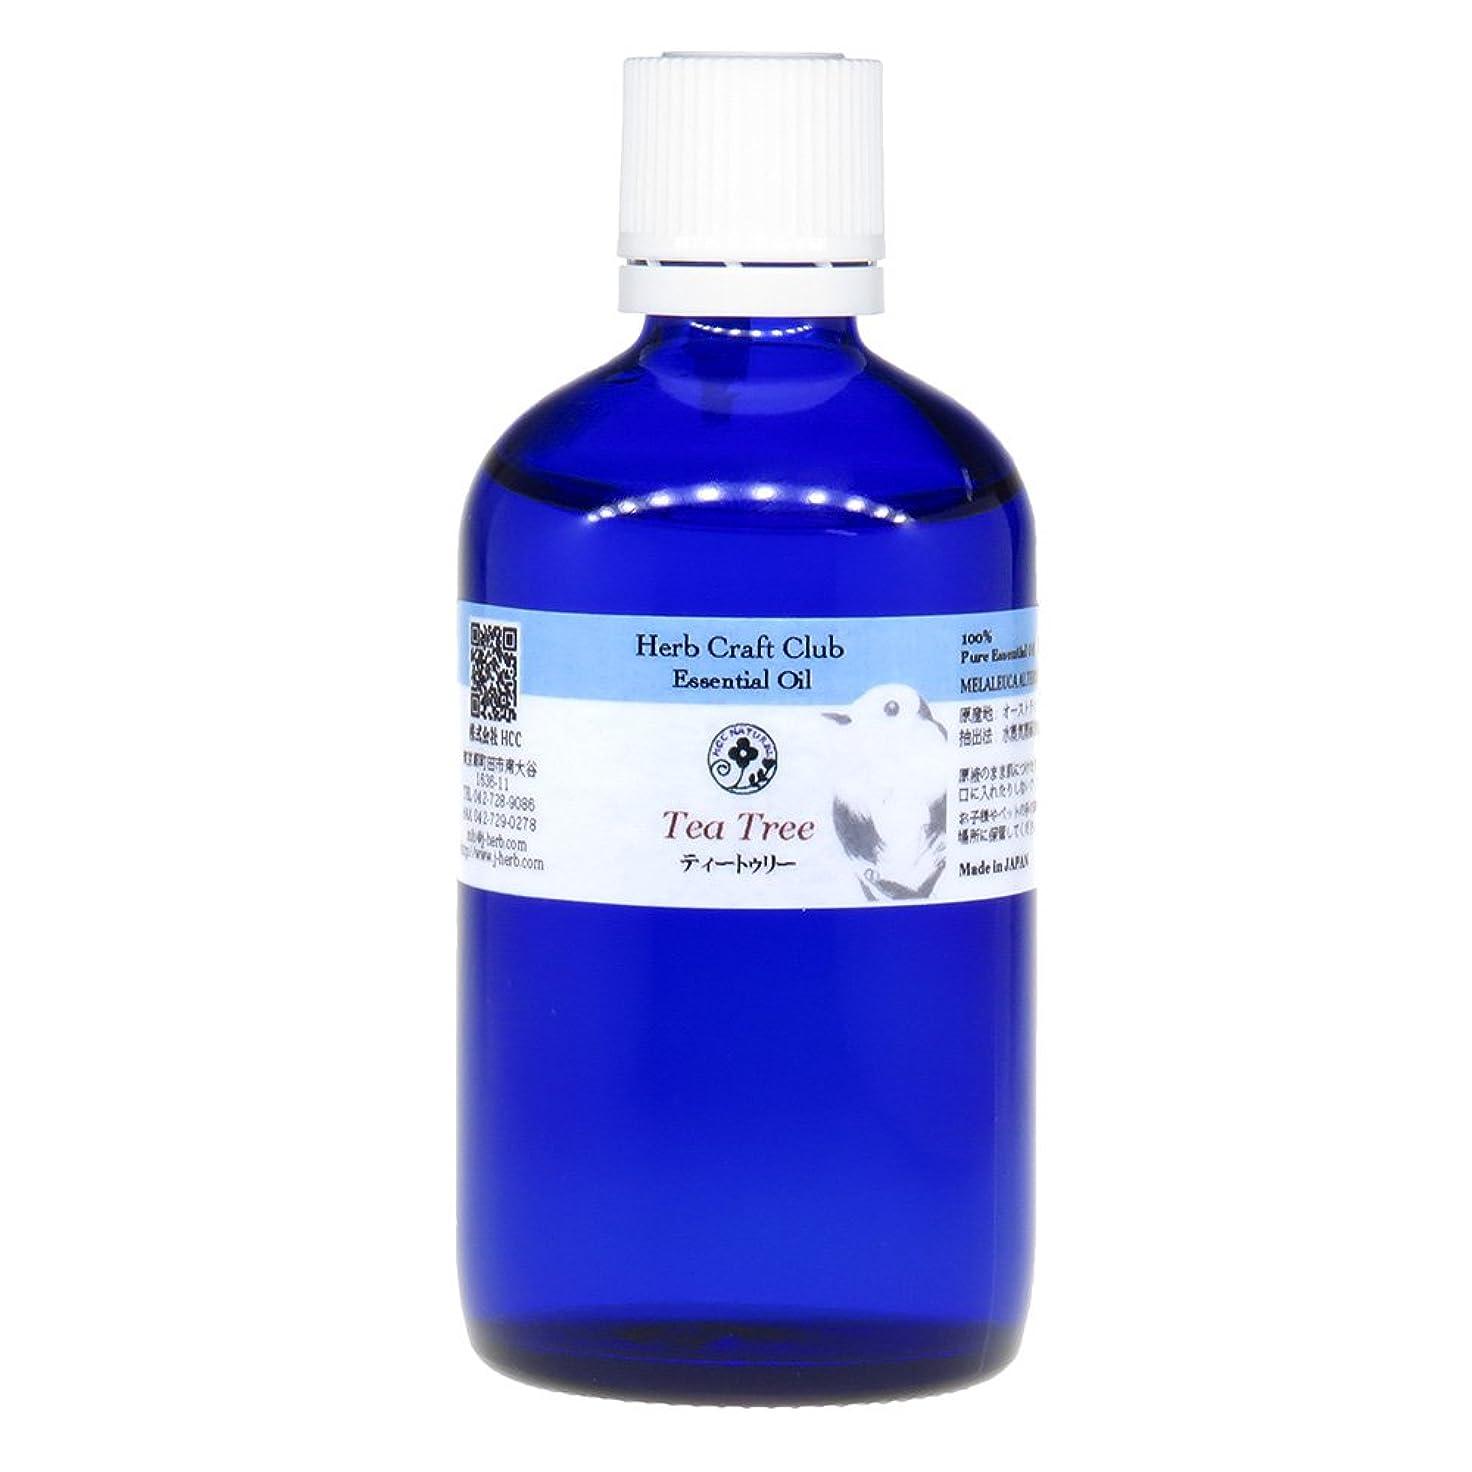 不正確乱暴なシールドティートゥリー105ml 100%天然エッセンシャルオイル ※徳用サイズ 卸価格